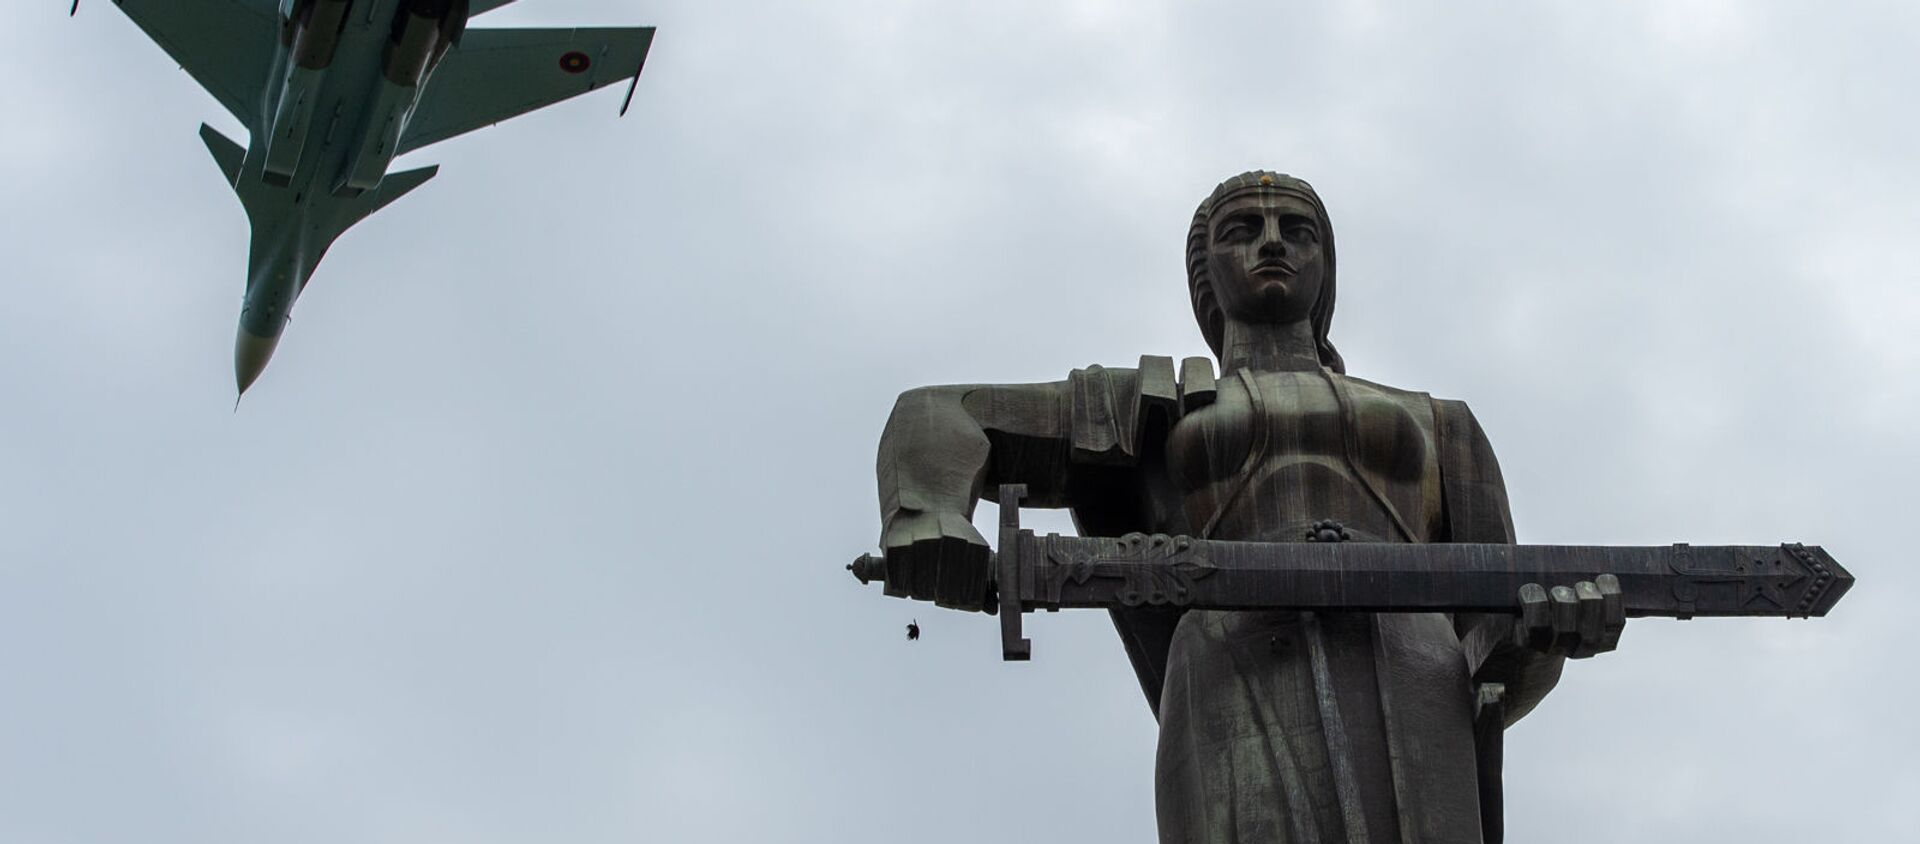 Истребители Су-30 СМ пролетают над монументом Мать Армения в парке Победы на авиапараде (9 мая 2020). Еревaн - Sputnik Արմենիա, 1920, 24.06.2021